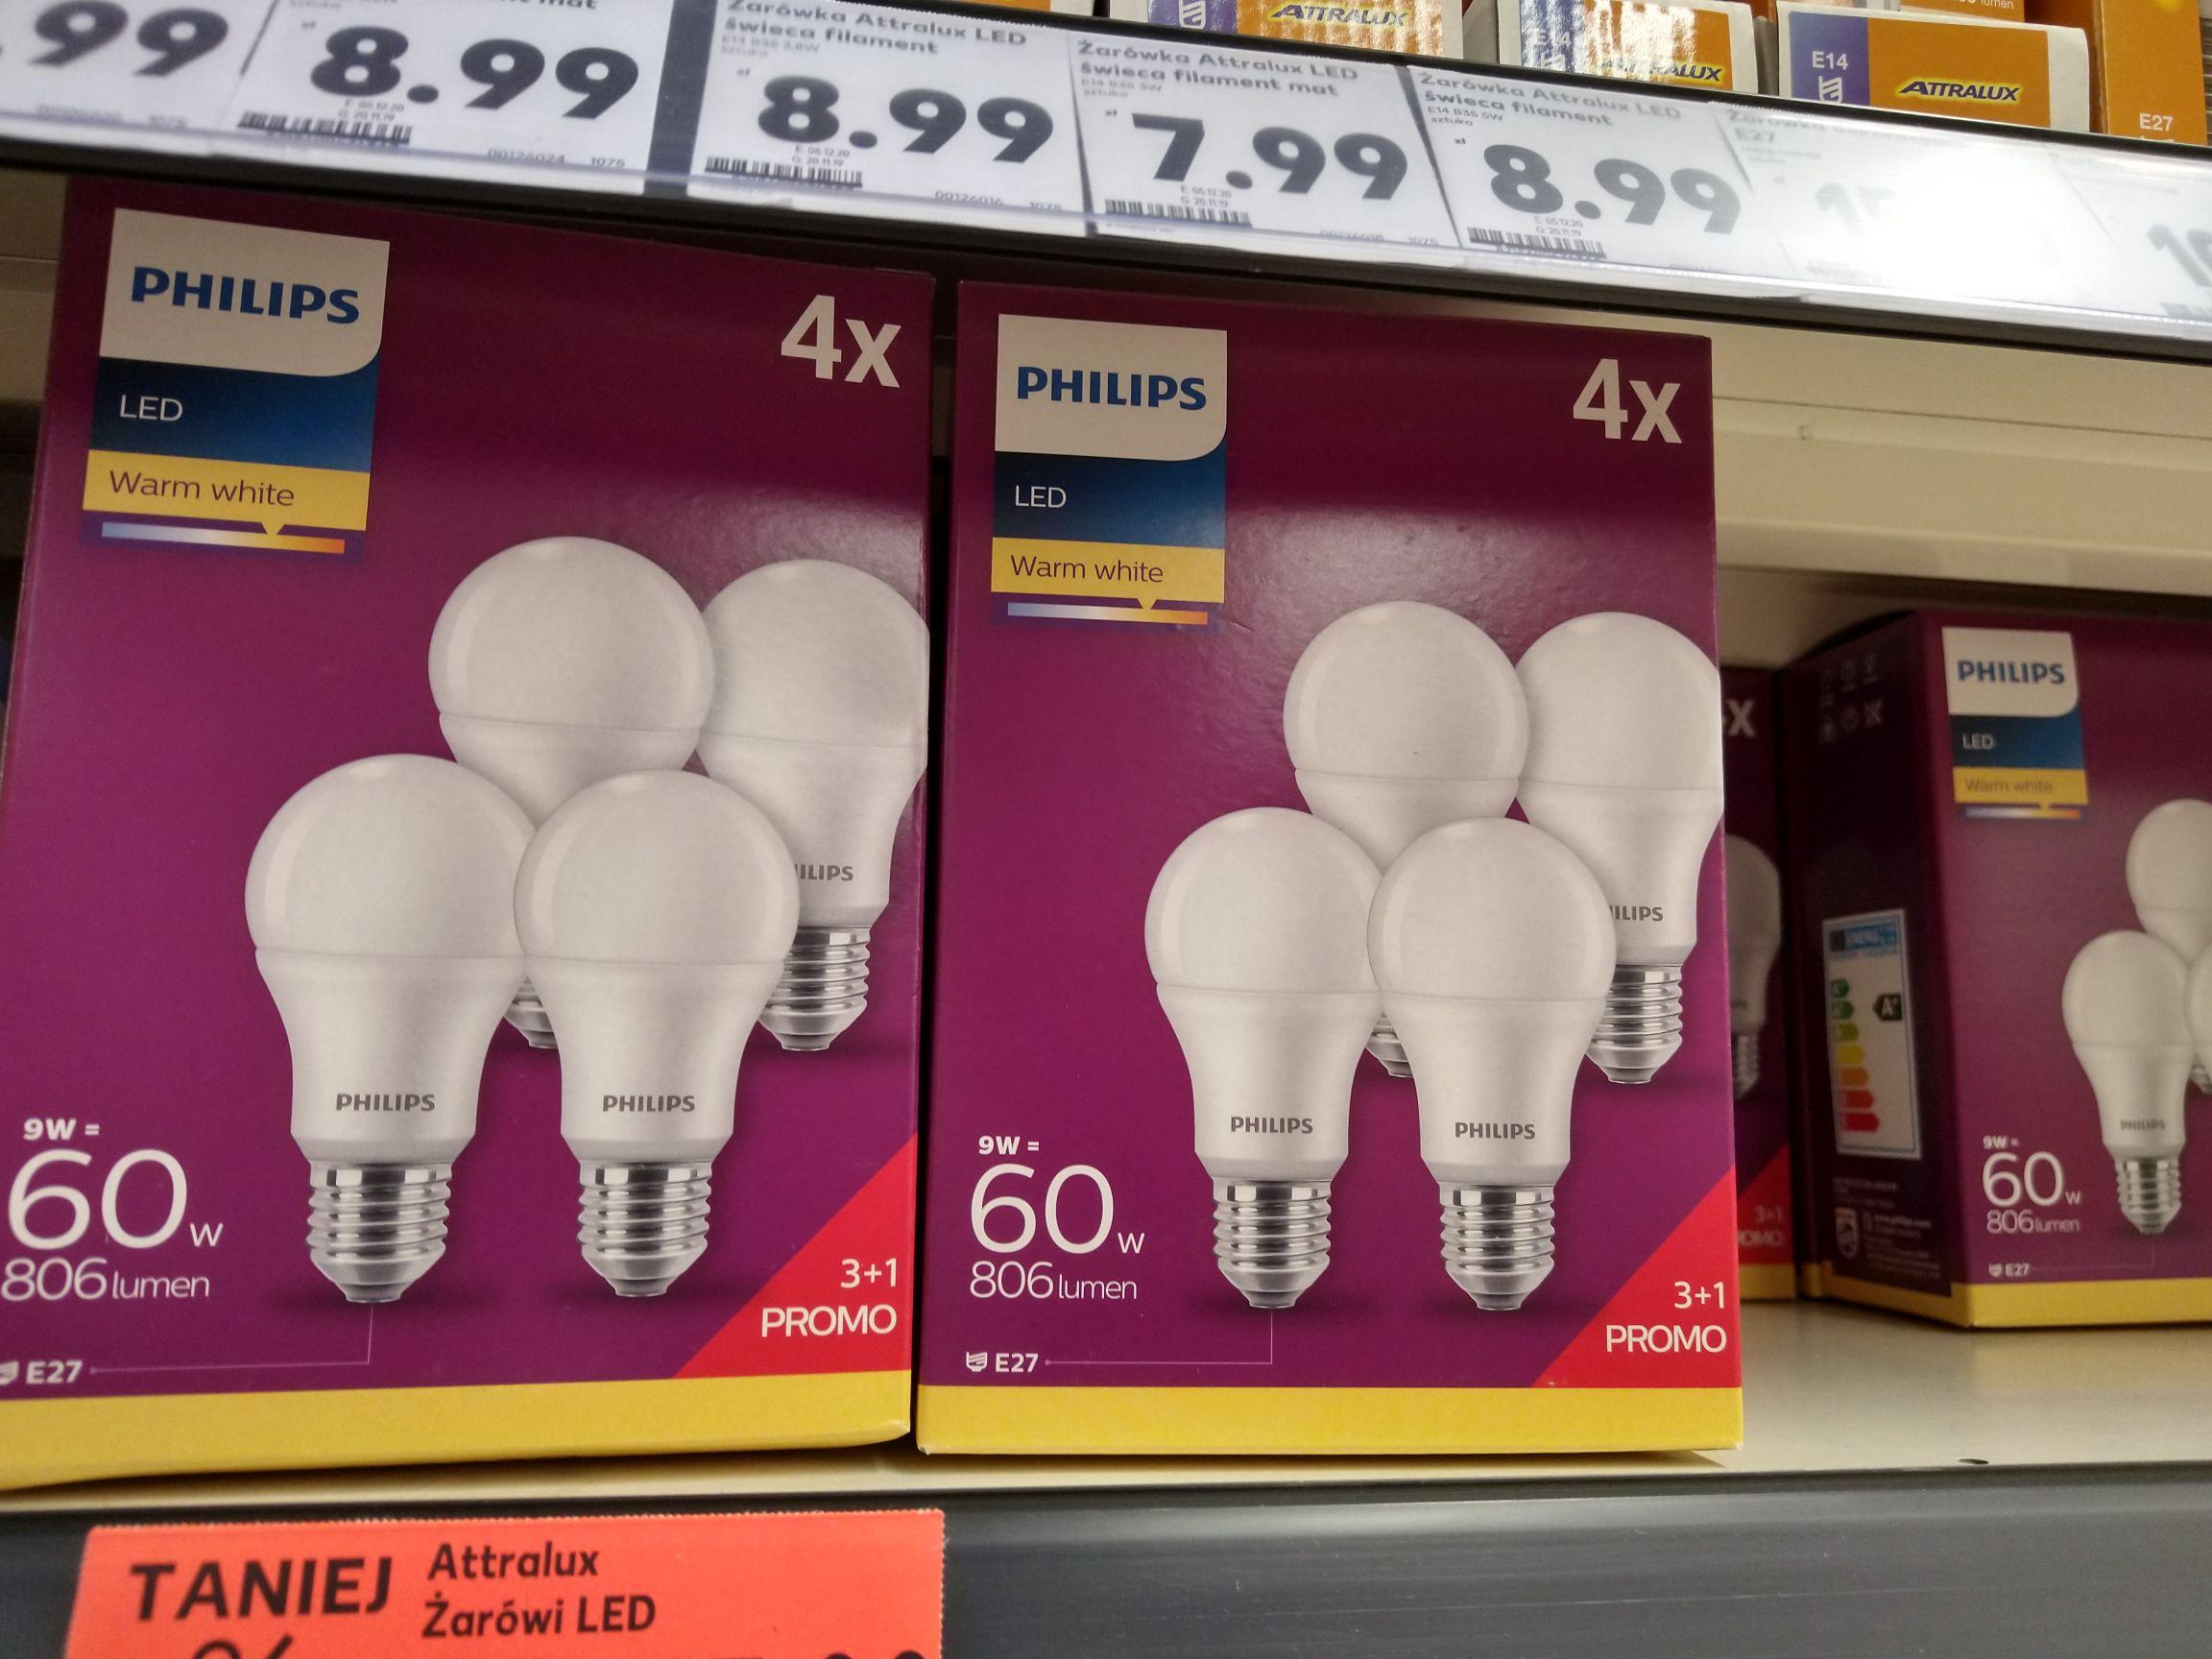 Żarówka LED Philips warm white. Zestaw czterech żarówek. Kaufland Stalowa